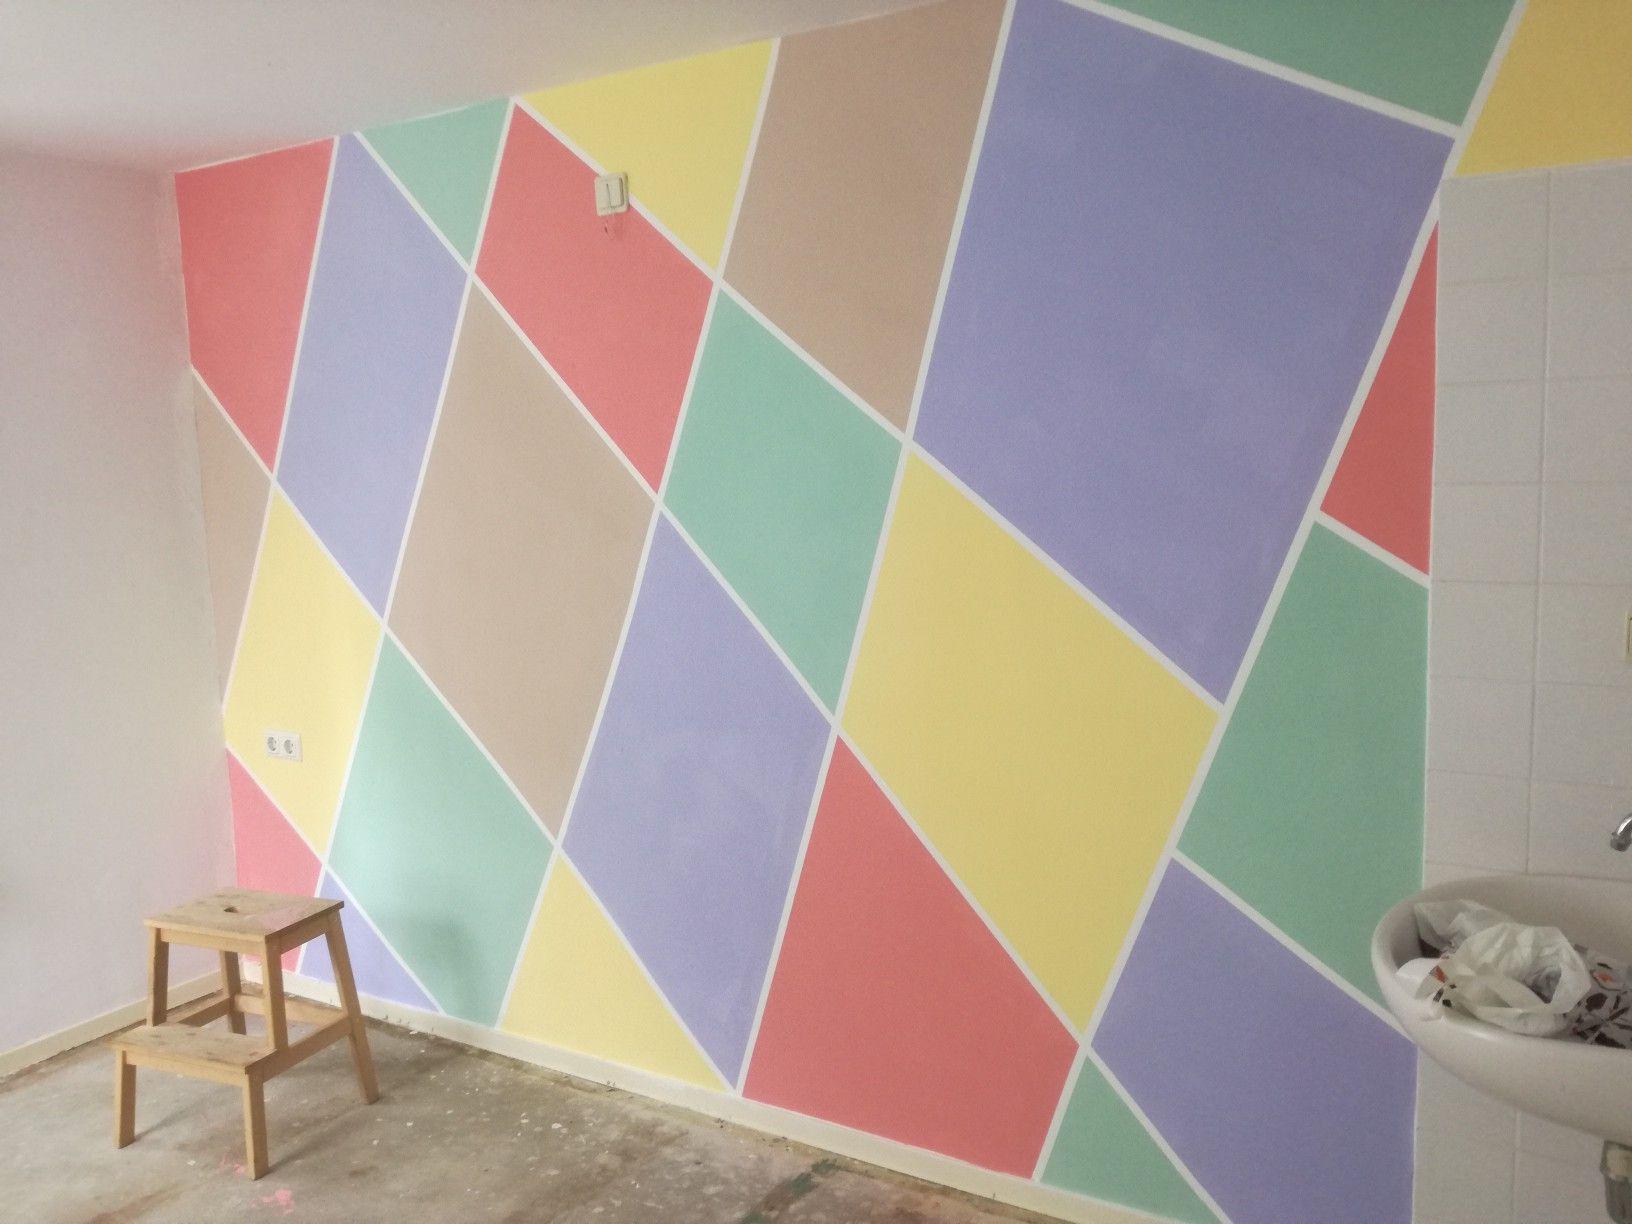 Muur met pastelkleuren voor peuter slaapkamer.